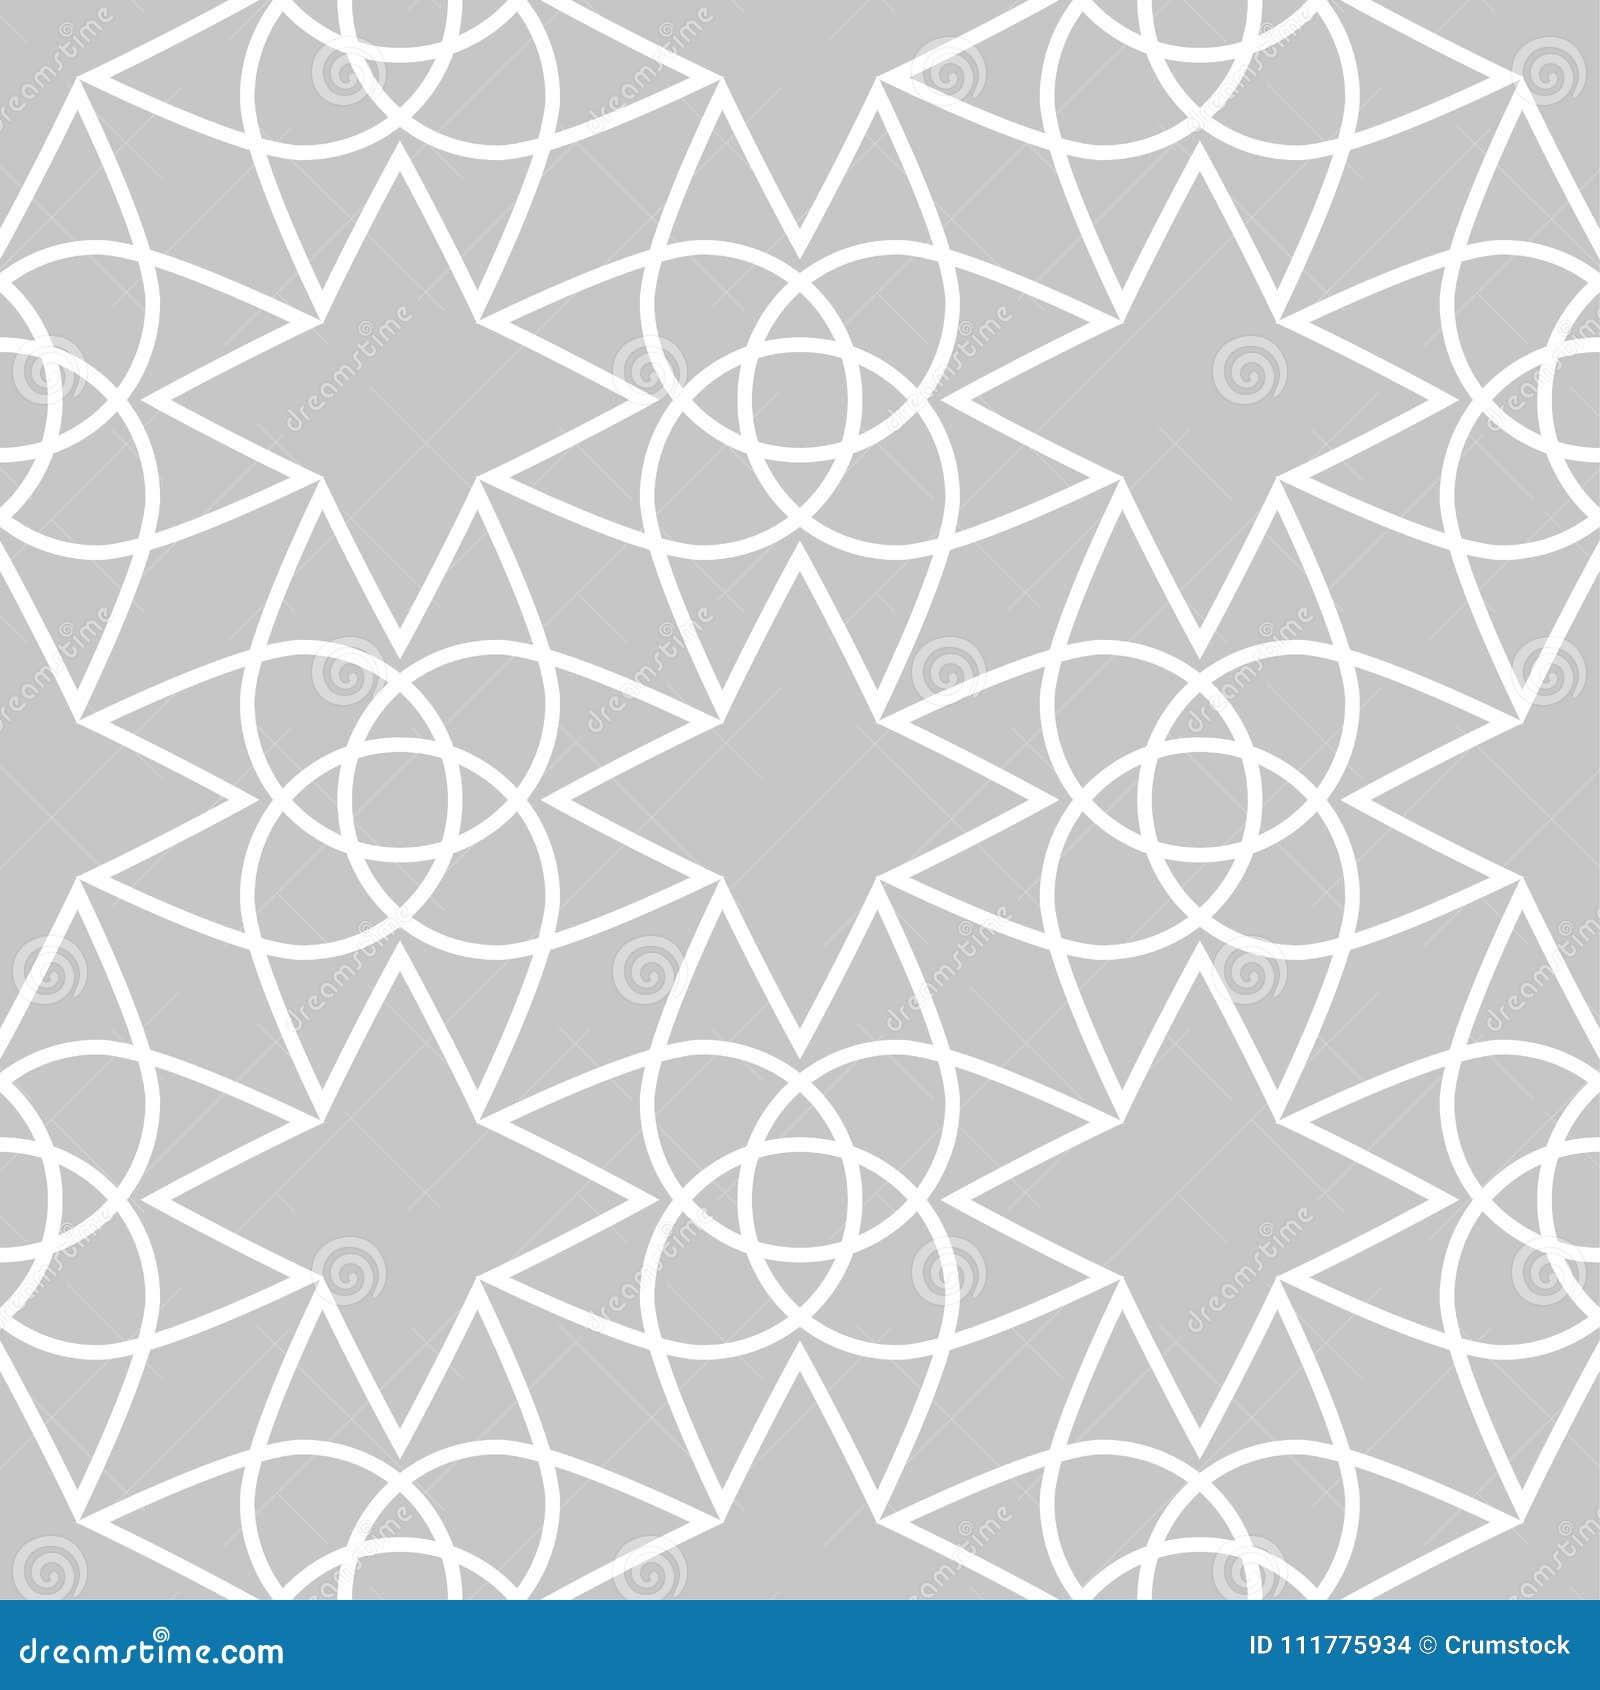 Γκρίζα και άσπρη γεωμετρική διακόσμηση πρότυπο άνευ ραφής